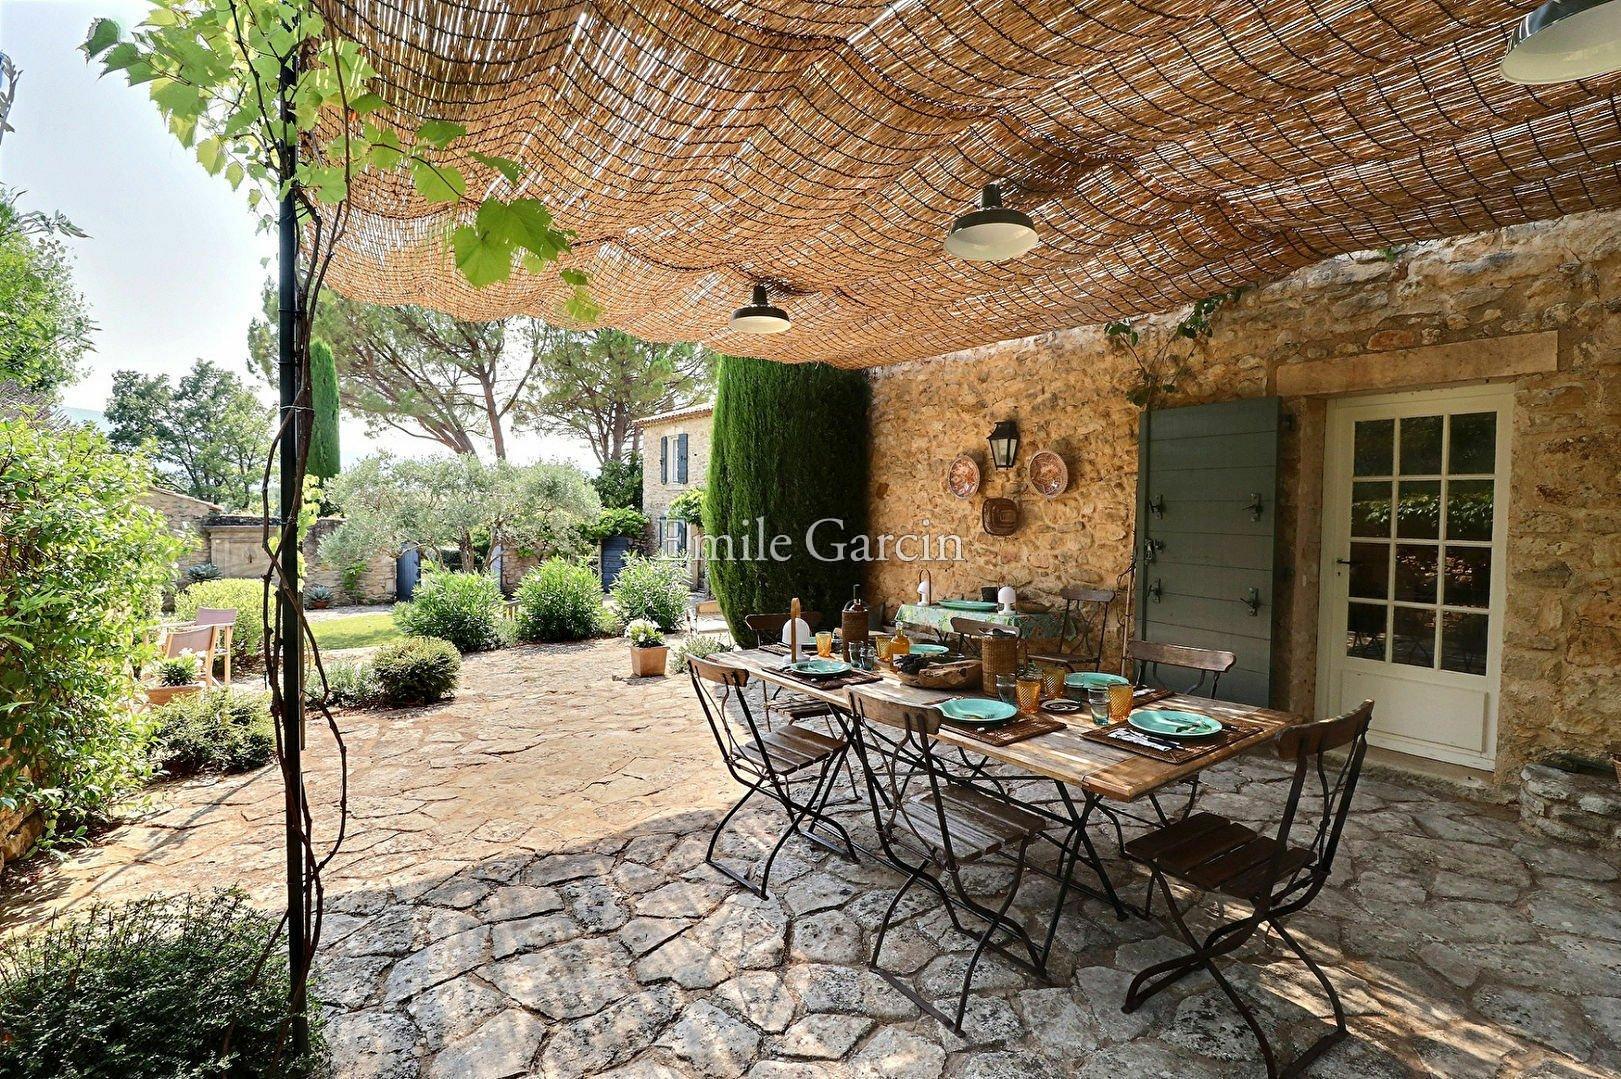 Estate in Bonnieux, Provence-Alpes-Côte d'Azur, France 1